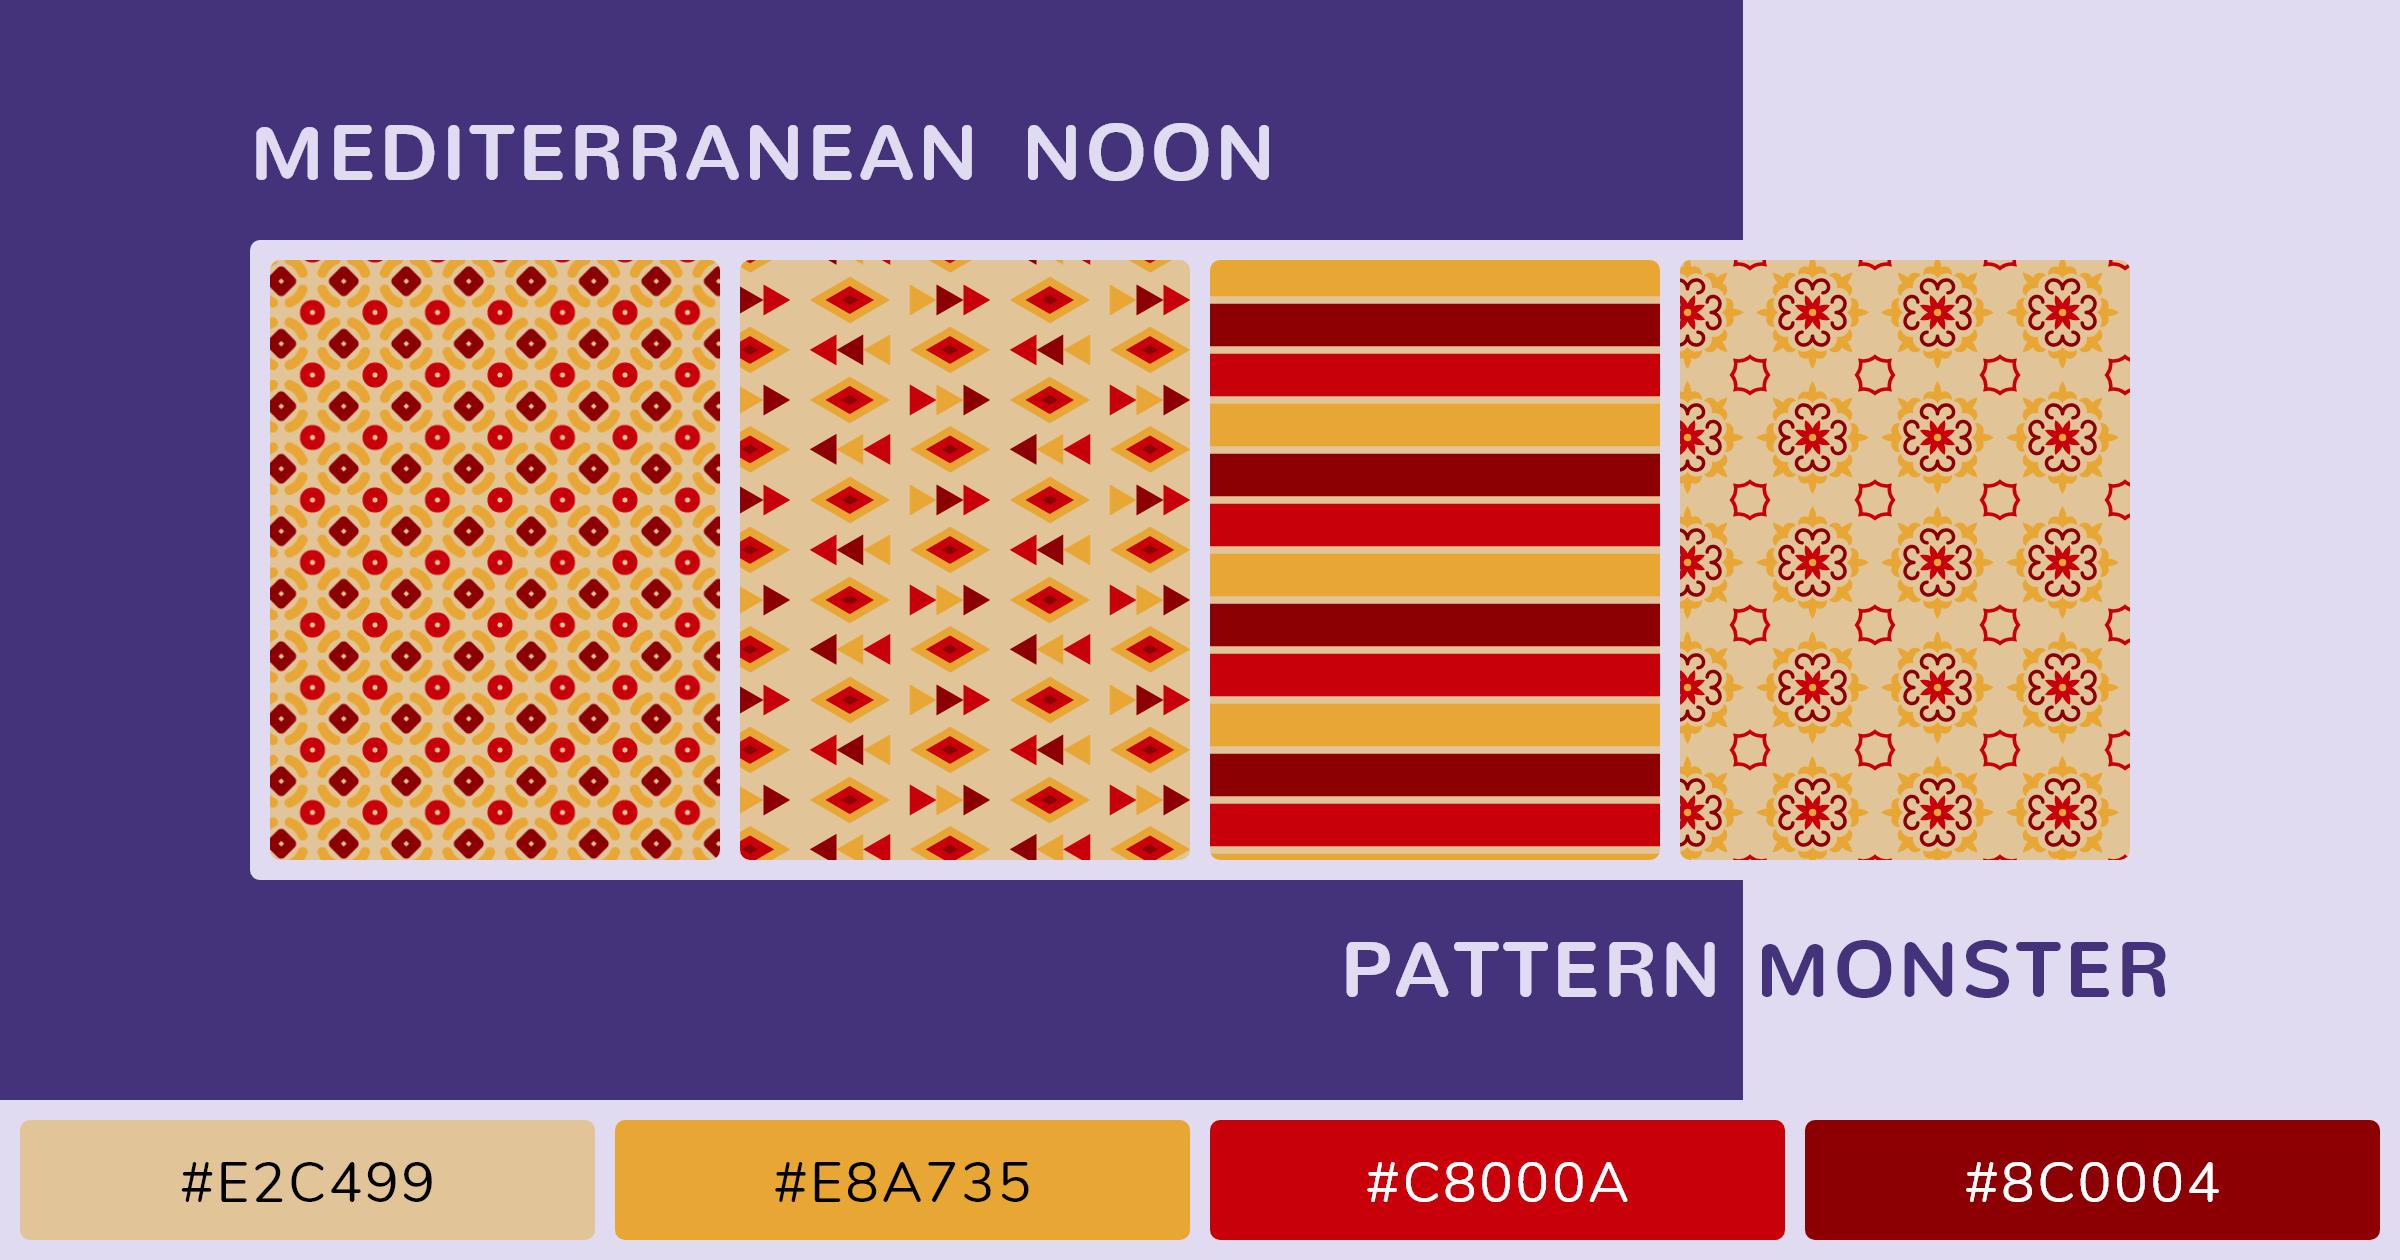 Mediterranean Noon